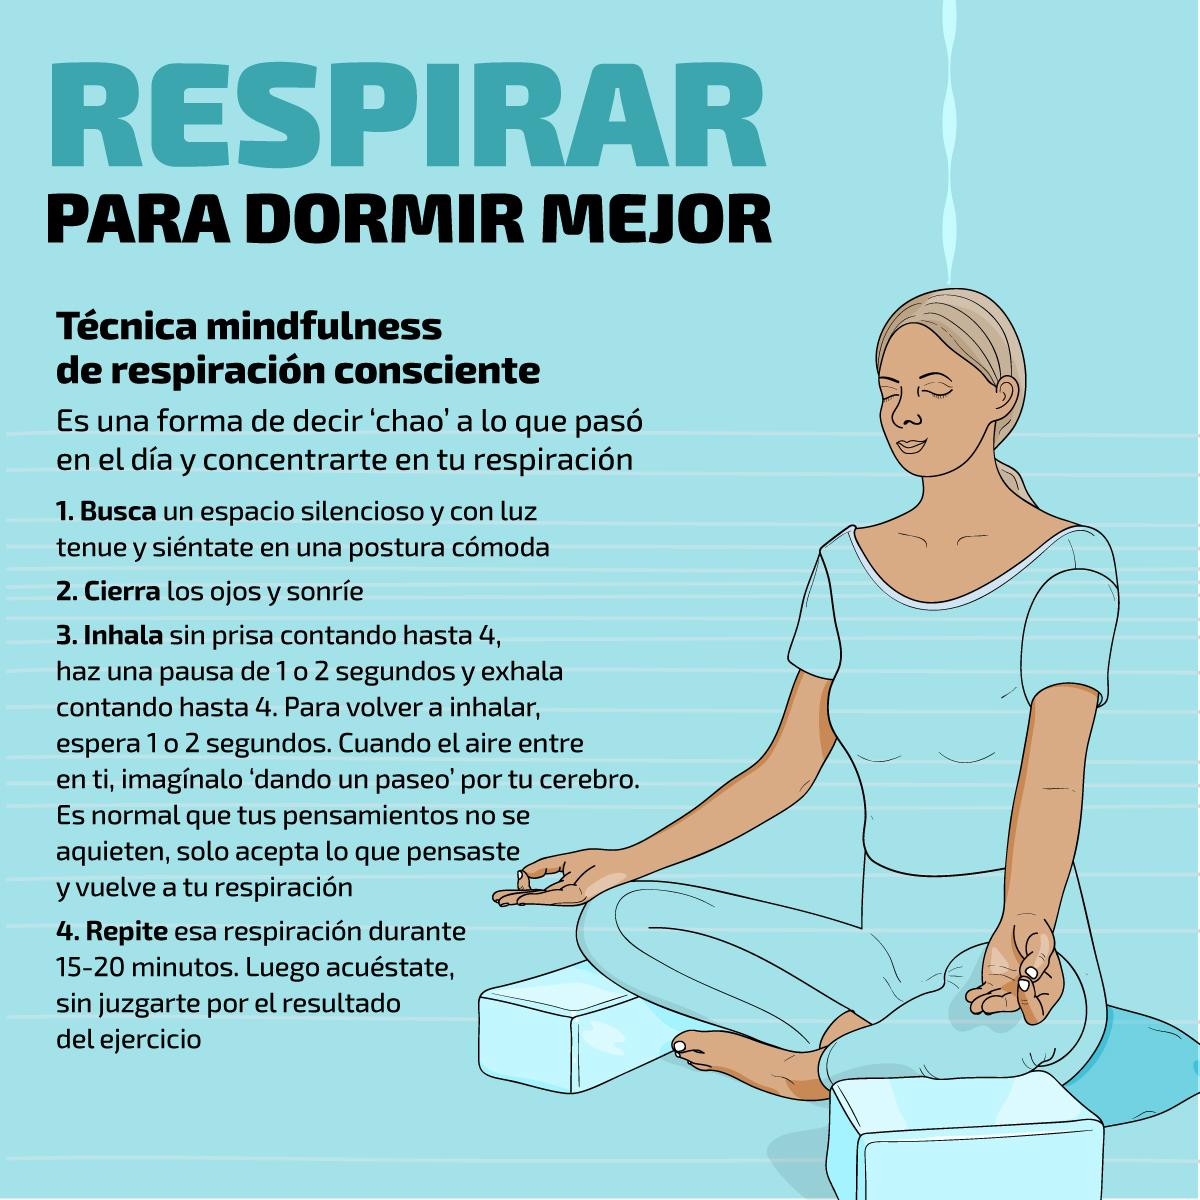 Coronavirus 5 Ejercicios De Respiración Para Dormir Mejor Salud La Revista El Universo